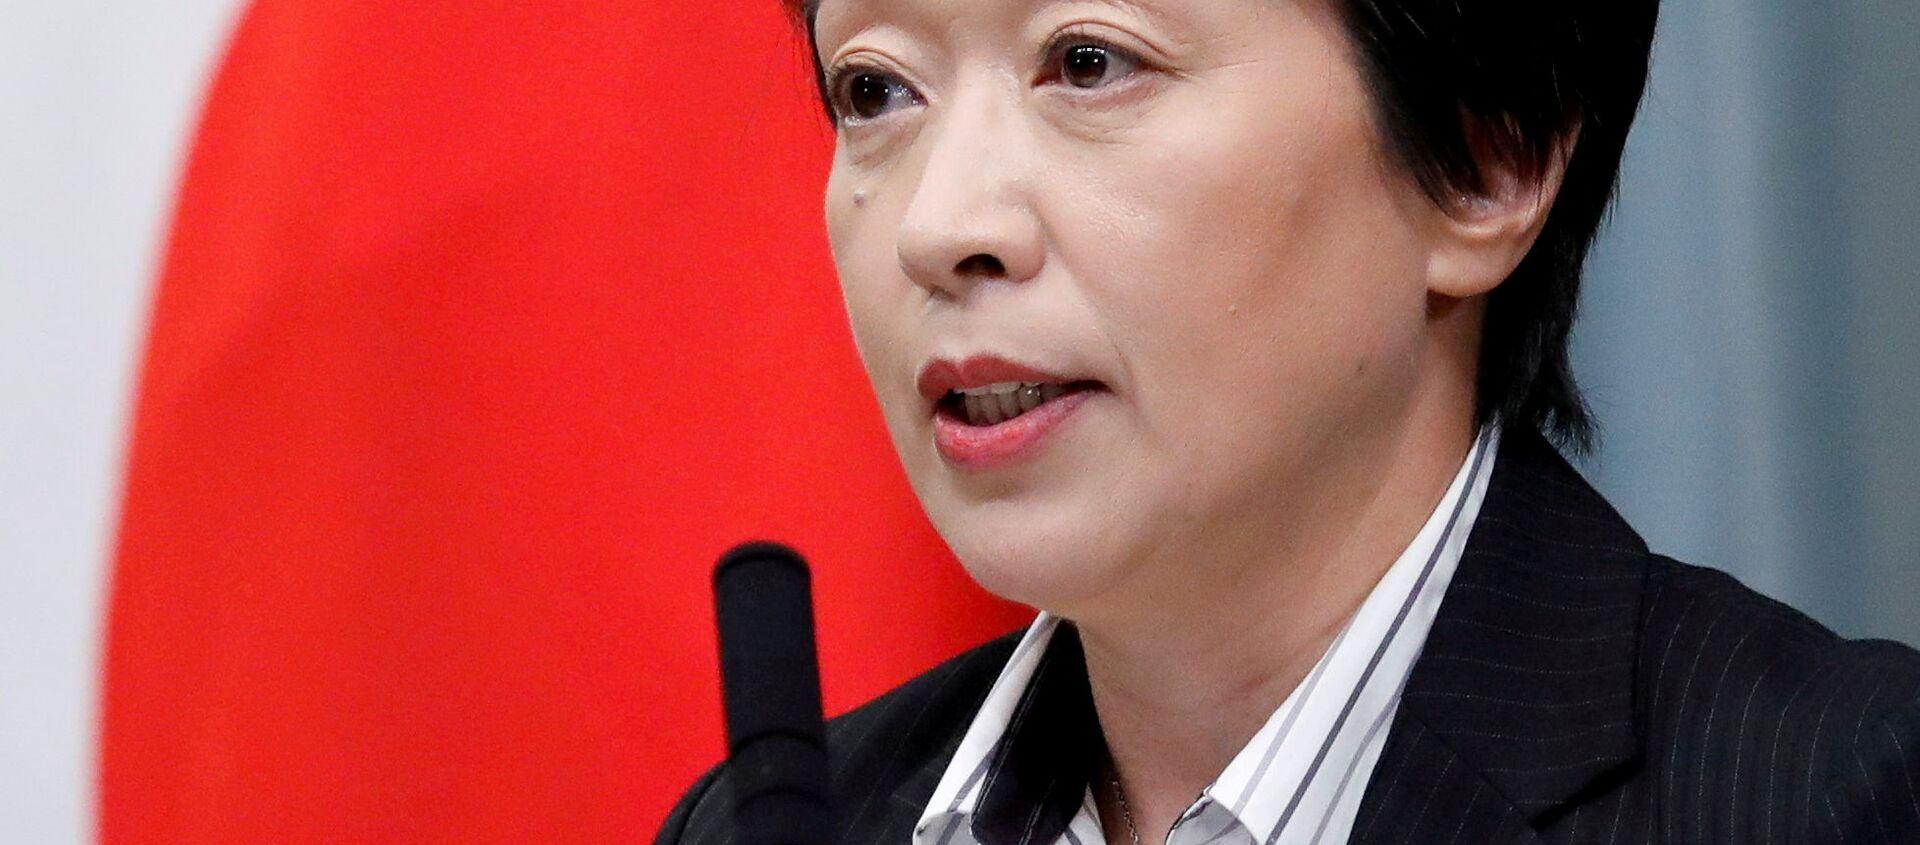 Trưởng ban tổ chức Thế vận hội Olympic 2020 Seiko Hashimoto trong cuộc họp báo ở Tokyo. - Sputnik Việt Nam, 1920, 03.03.2021